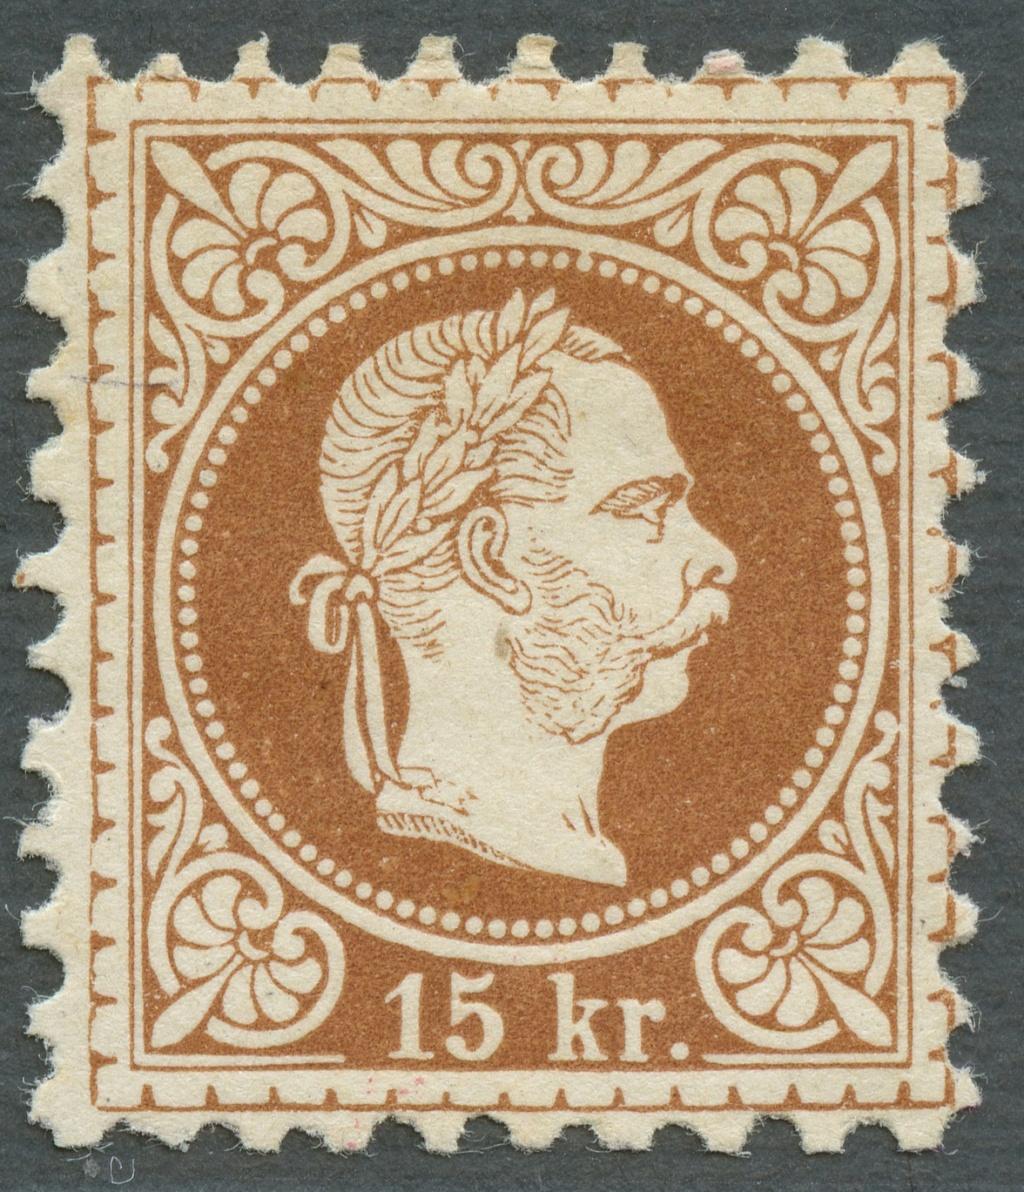 Nachtrag - Freimarken-Ausgabe 1867 : Kopfbildnis Kaiser Franz Joseph I - Seite 22 Ank_3910